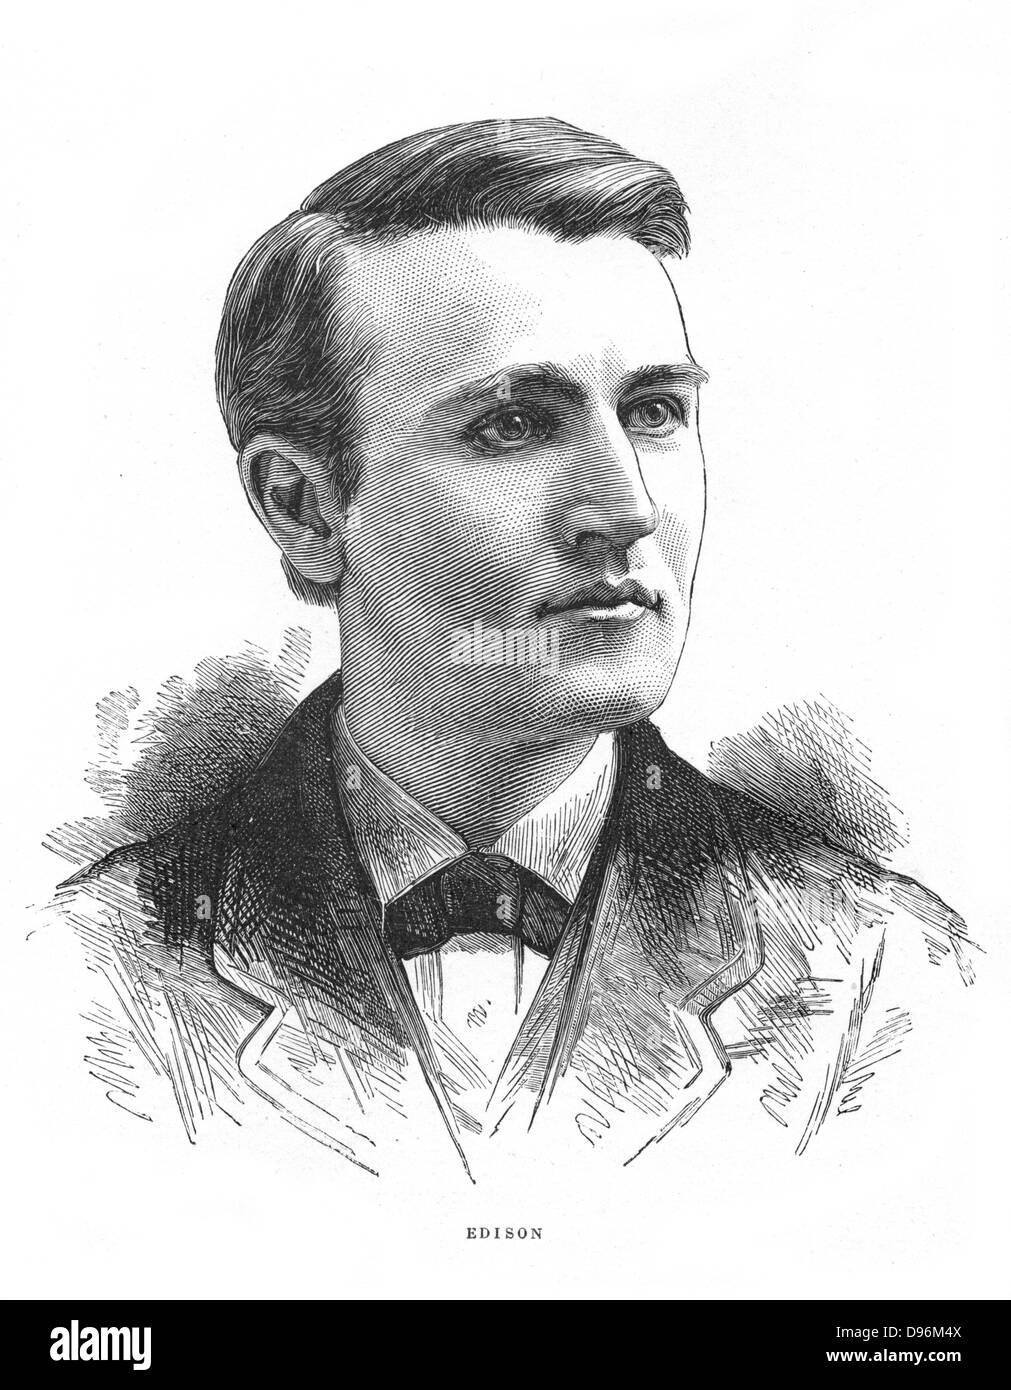 Thomas Alva Edison (1847-1931) inventore americano. Incisione c1880 Immagini Stock